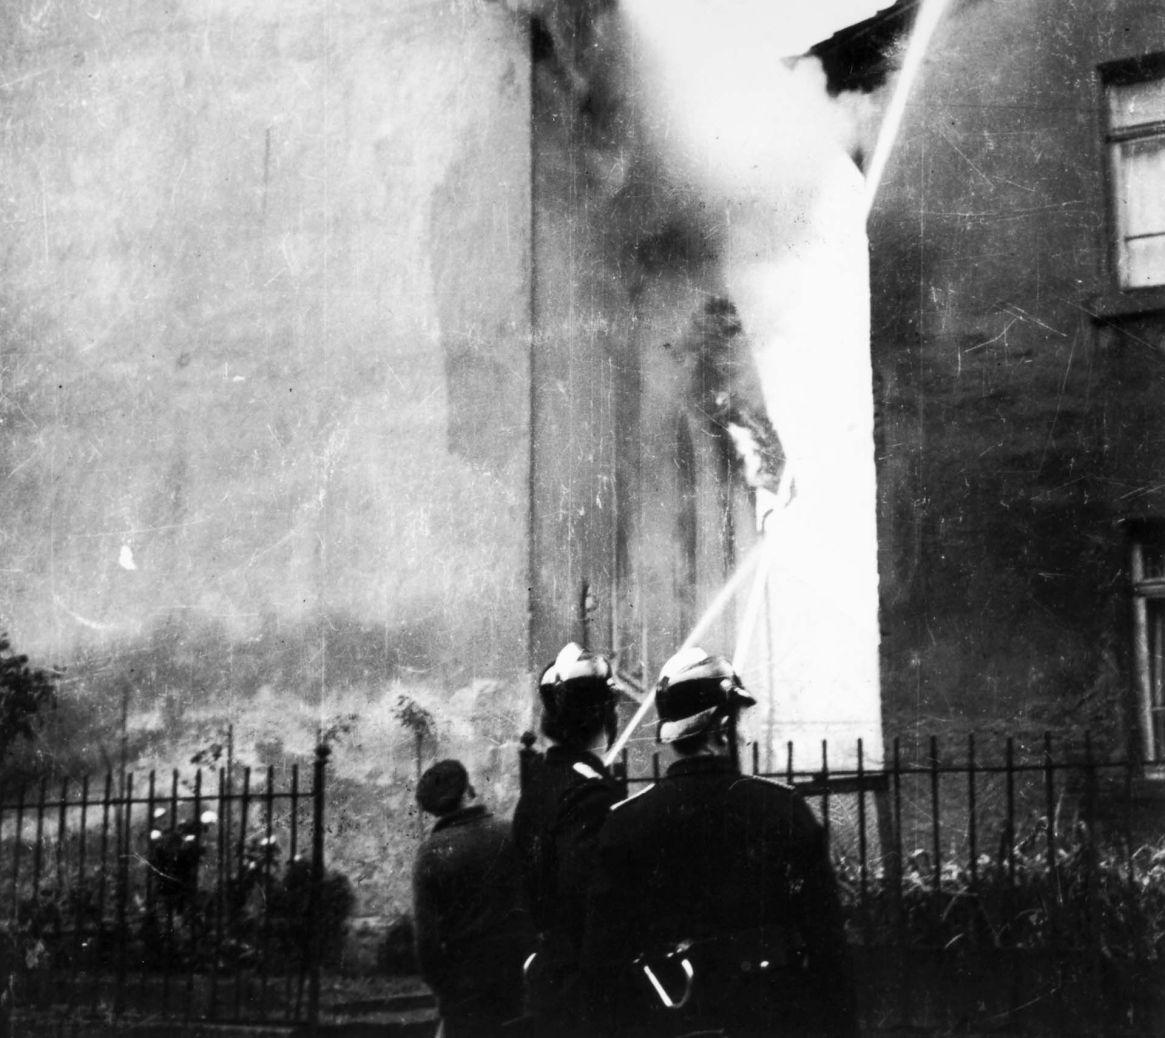 El fuego en 1.500 sinagogas. Los bomberos intentaron detener las llamas que llegaban hasta las casas vecinas (Granger/Shutterstock)